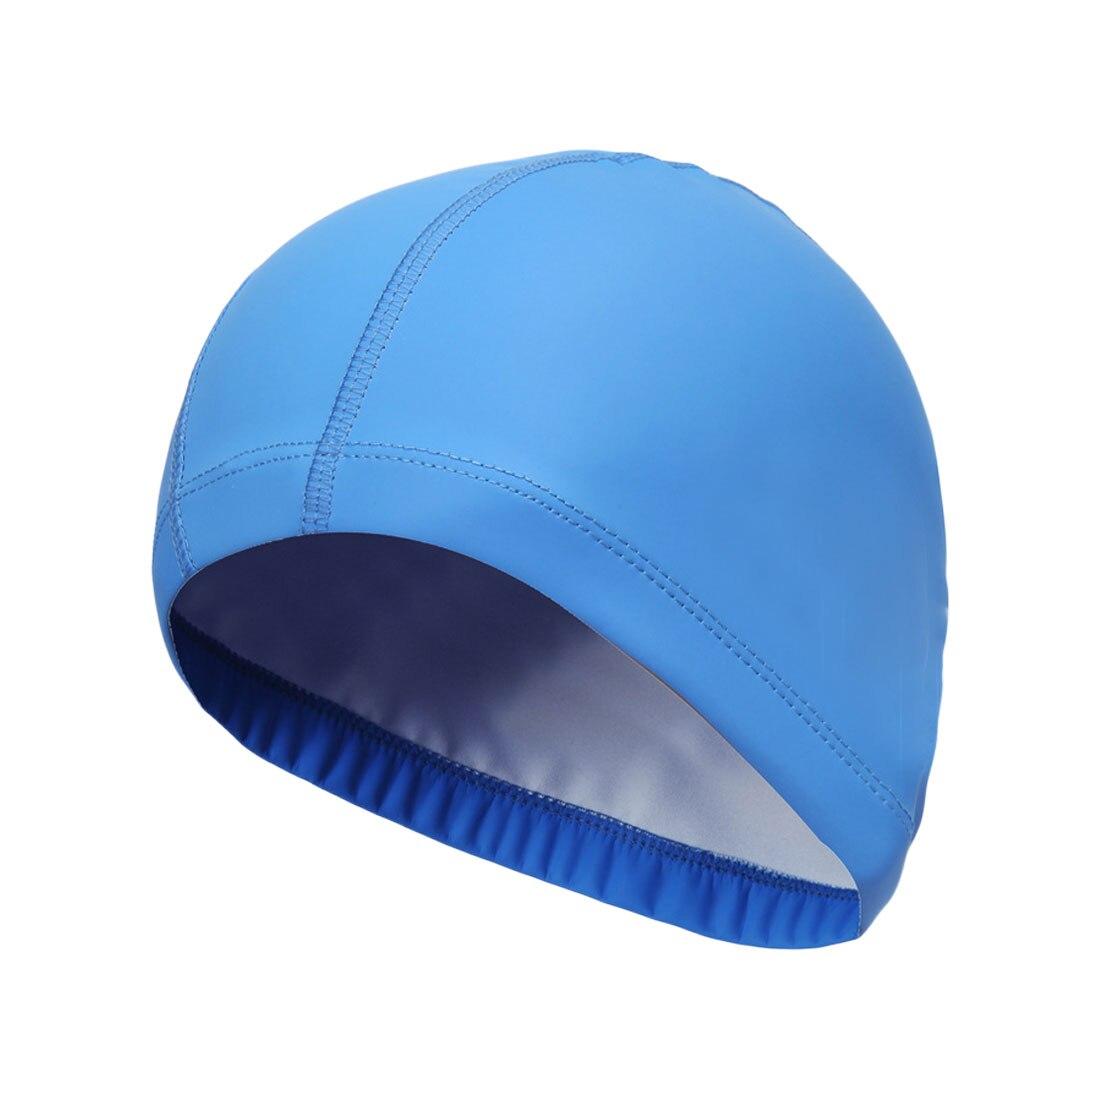 Лидер продаж эластичные Водонепроницаемый PU ткани защищает уши длинные волосы спортивные Плавание бассейн шляпа Плавание ming воды Кепки св...